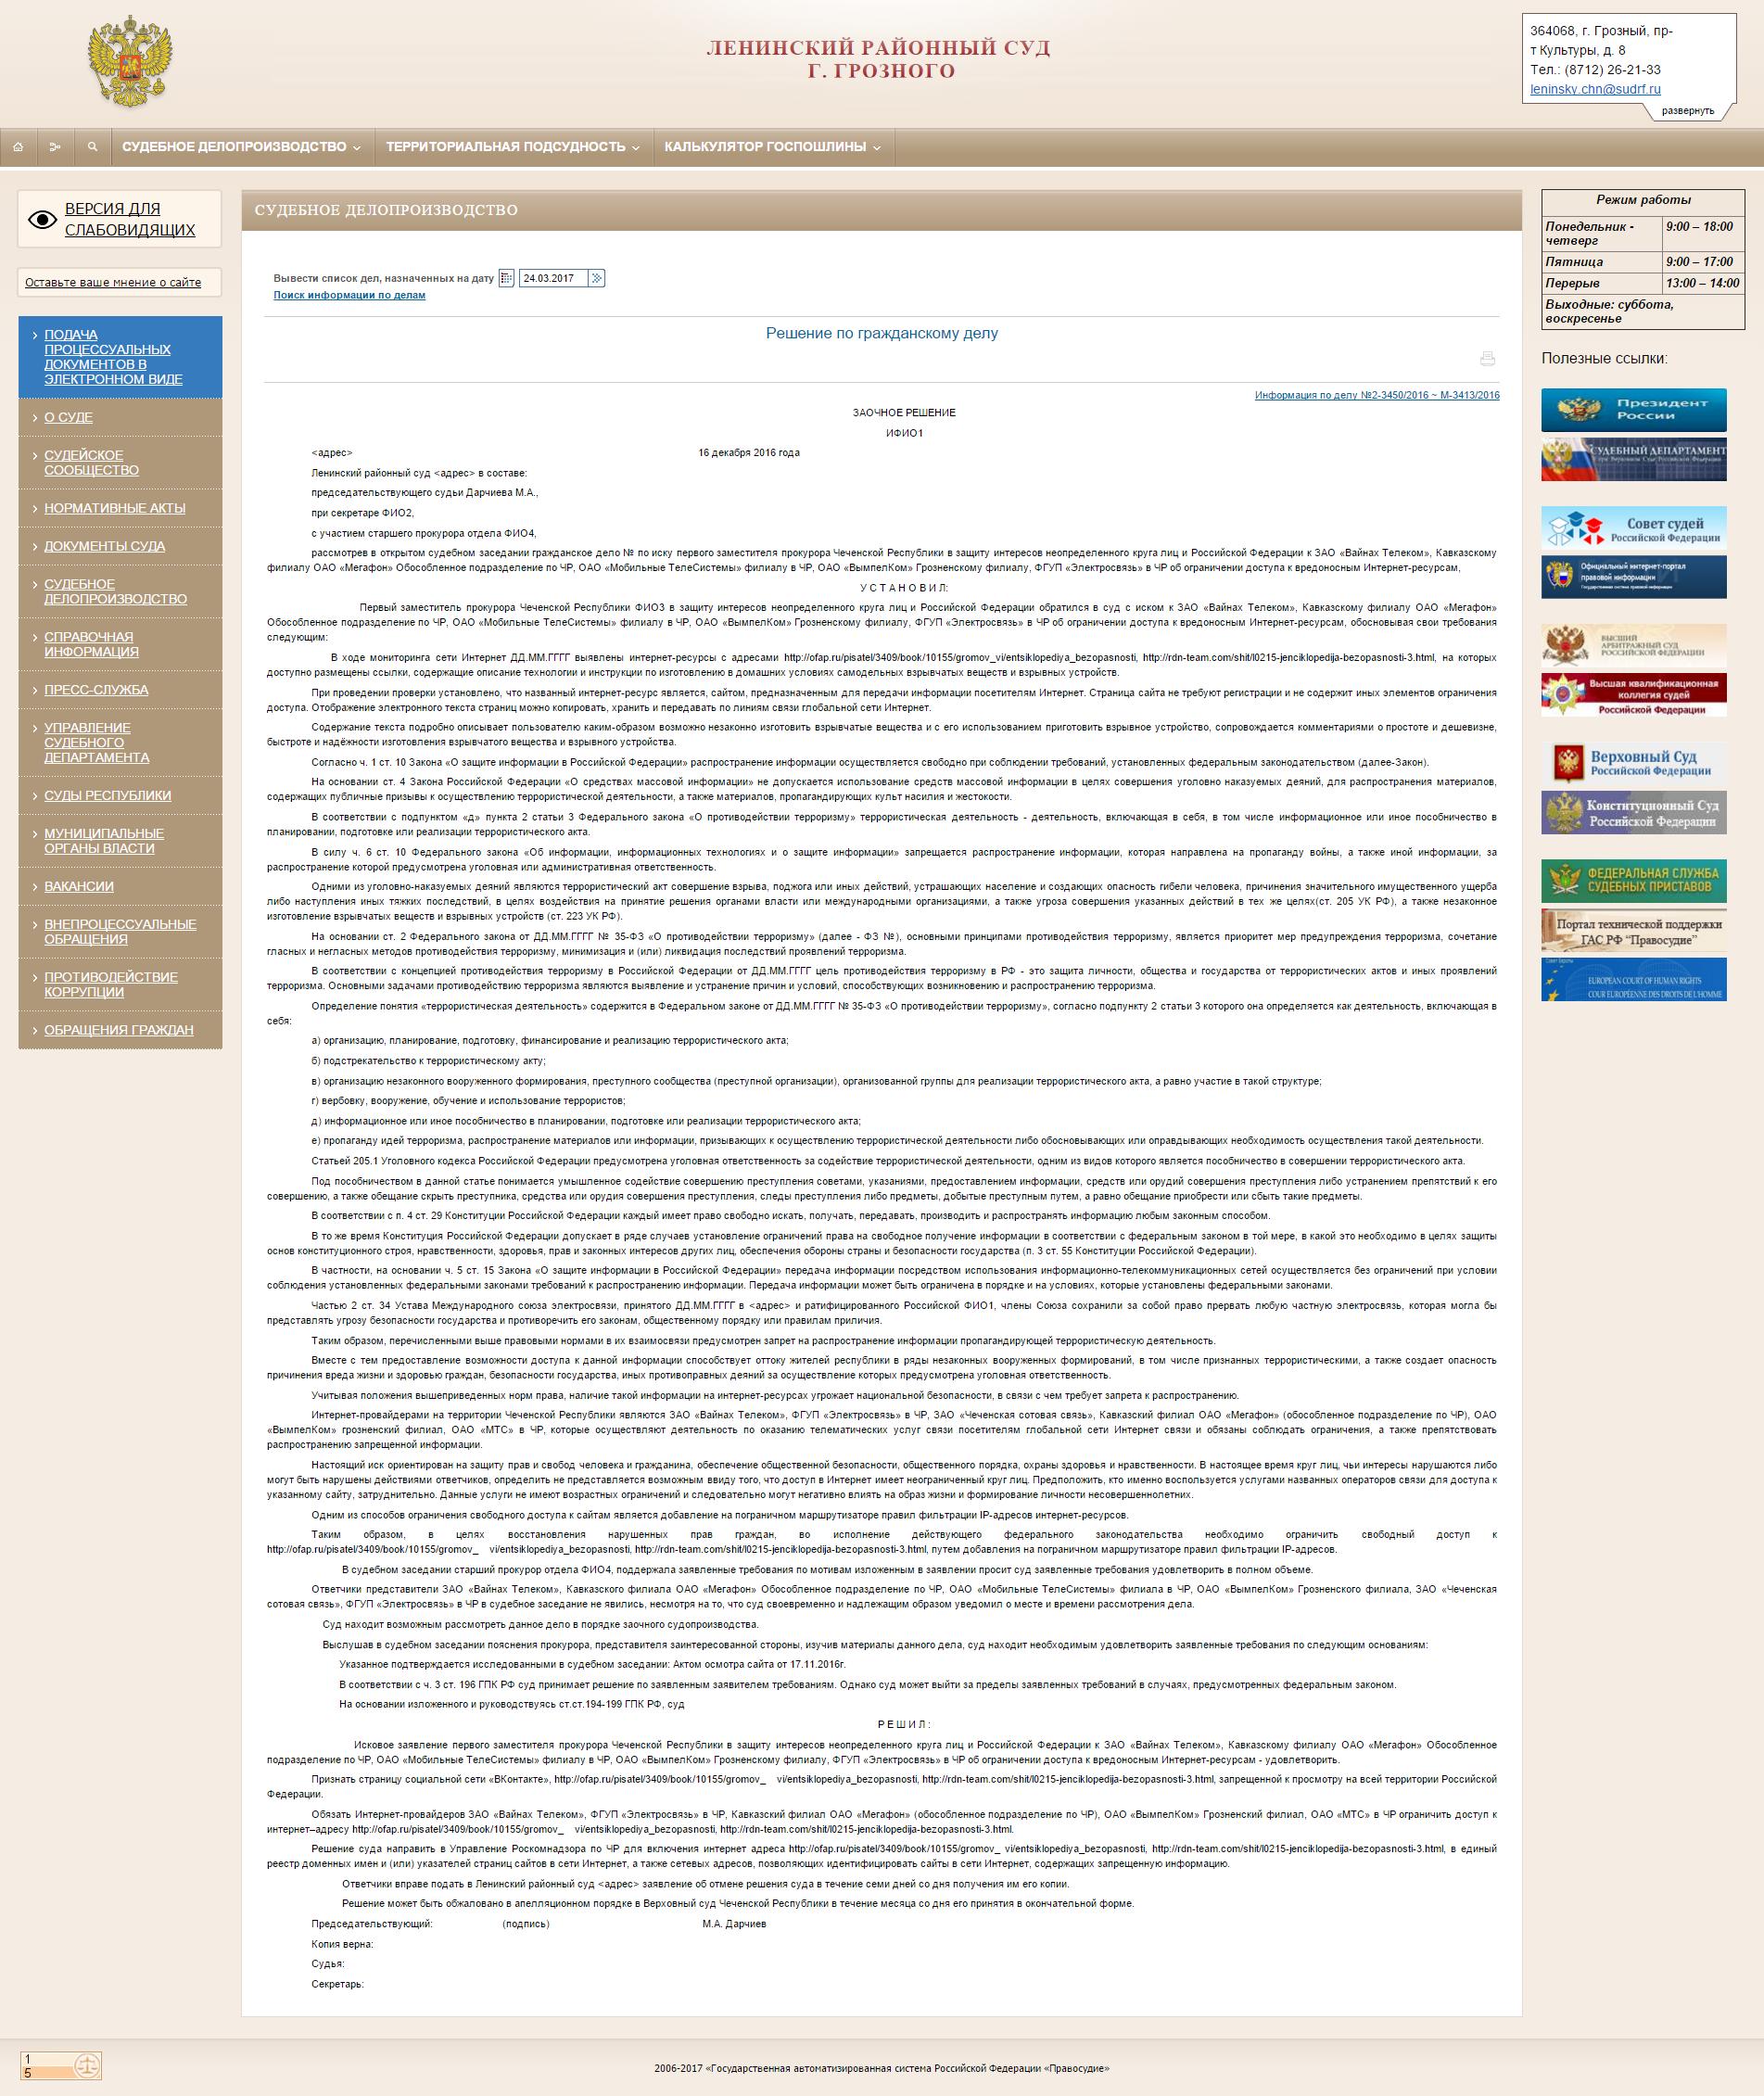 Этот ресурс заблокирован на территории российской федерации